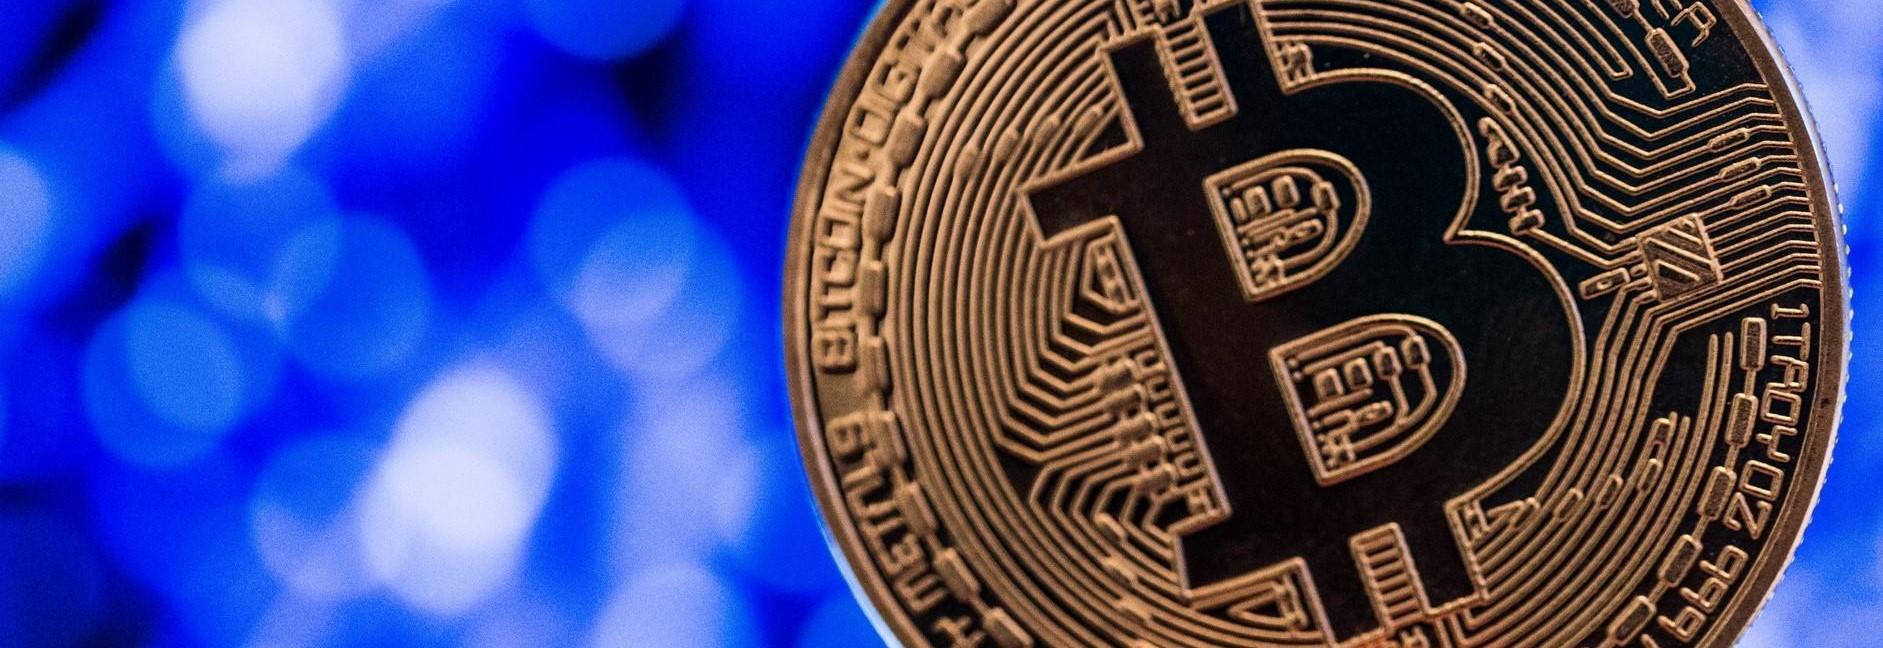 bitcoin price april fools etf - Эксперт: Квантовая машина Google пока не угрожает биткоину